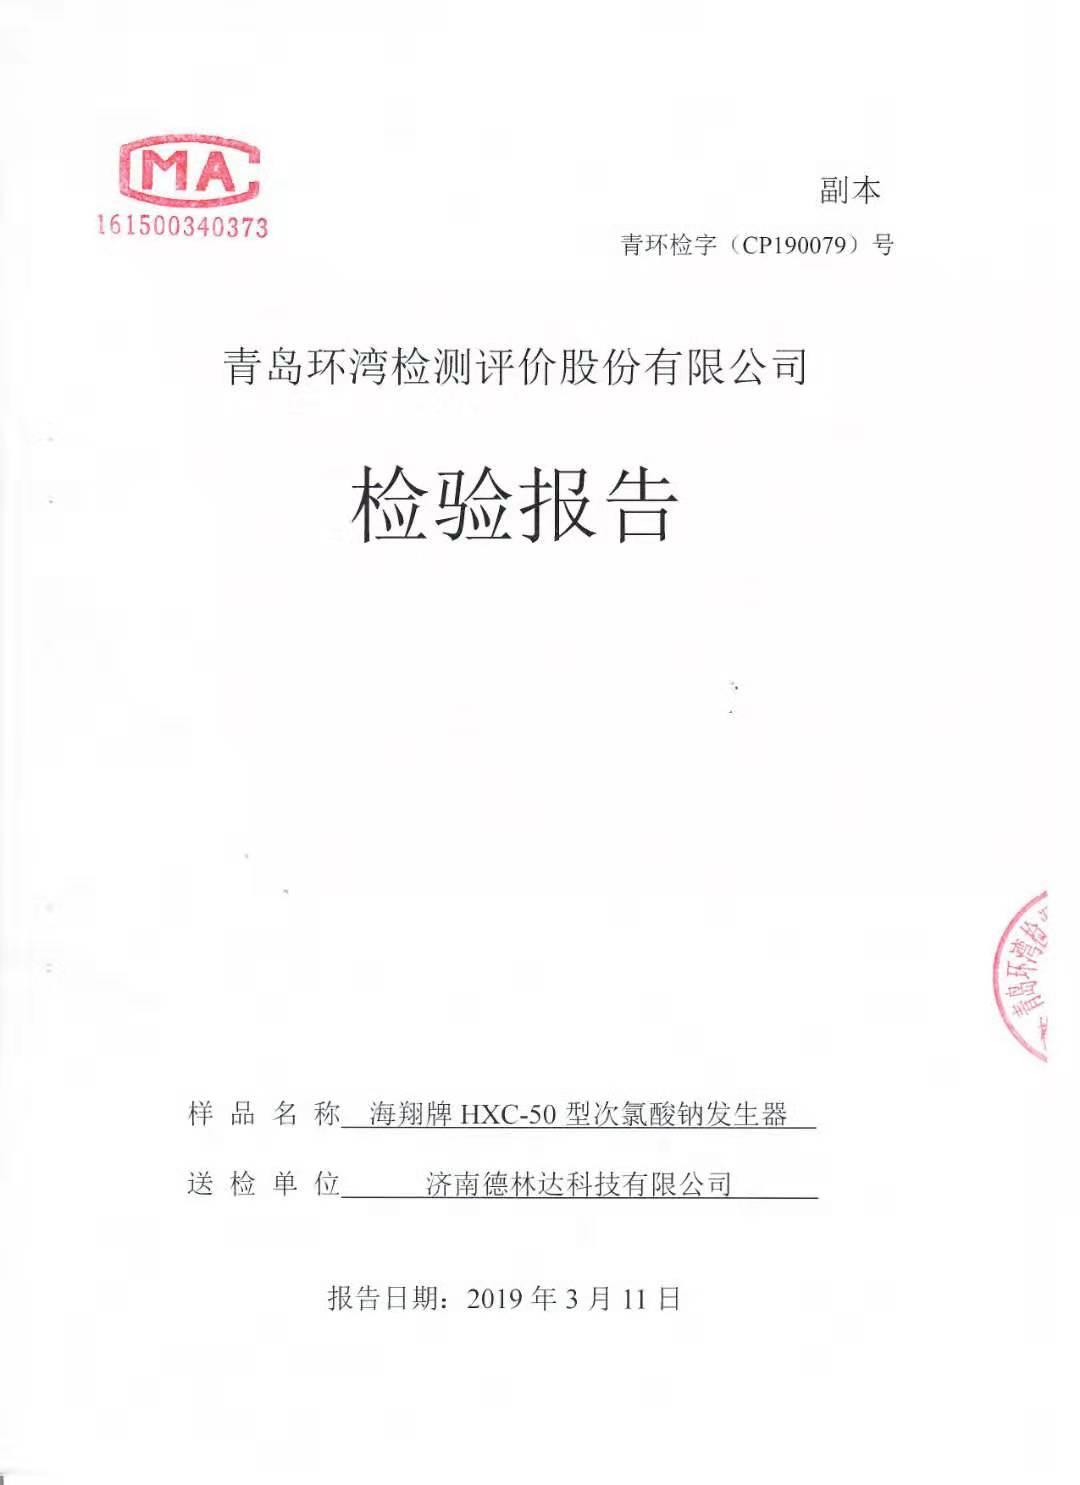 HXC-50型次氯酸钠发生器检测报告